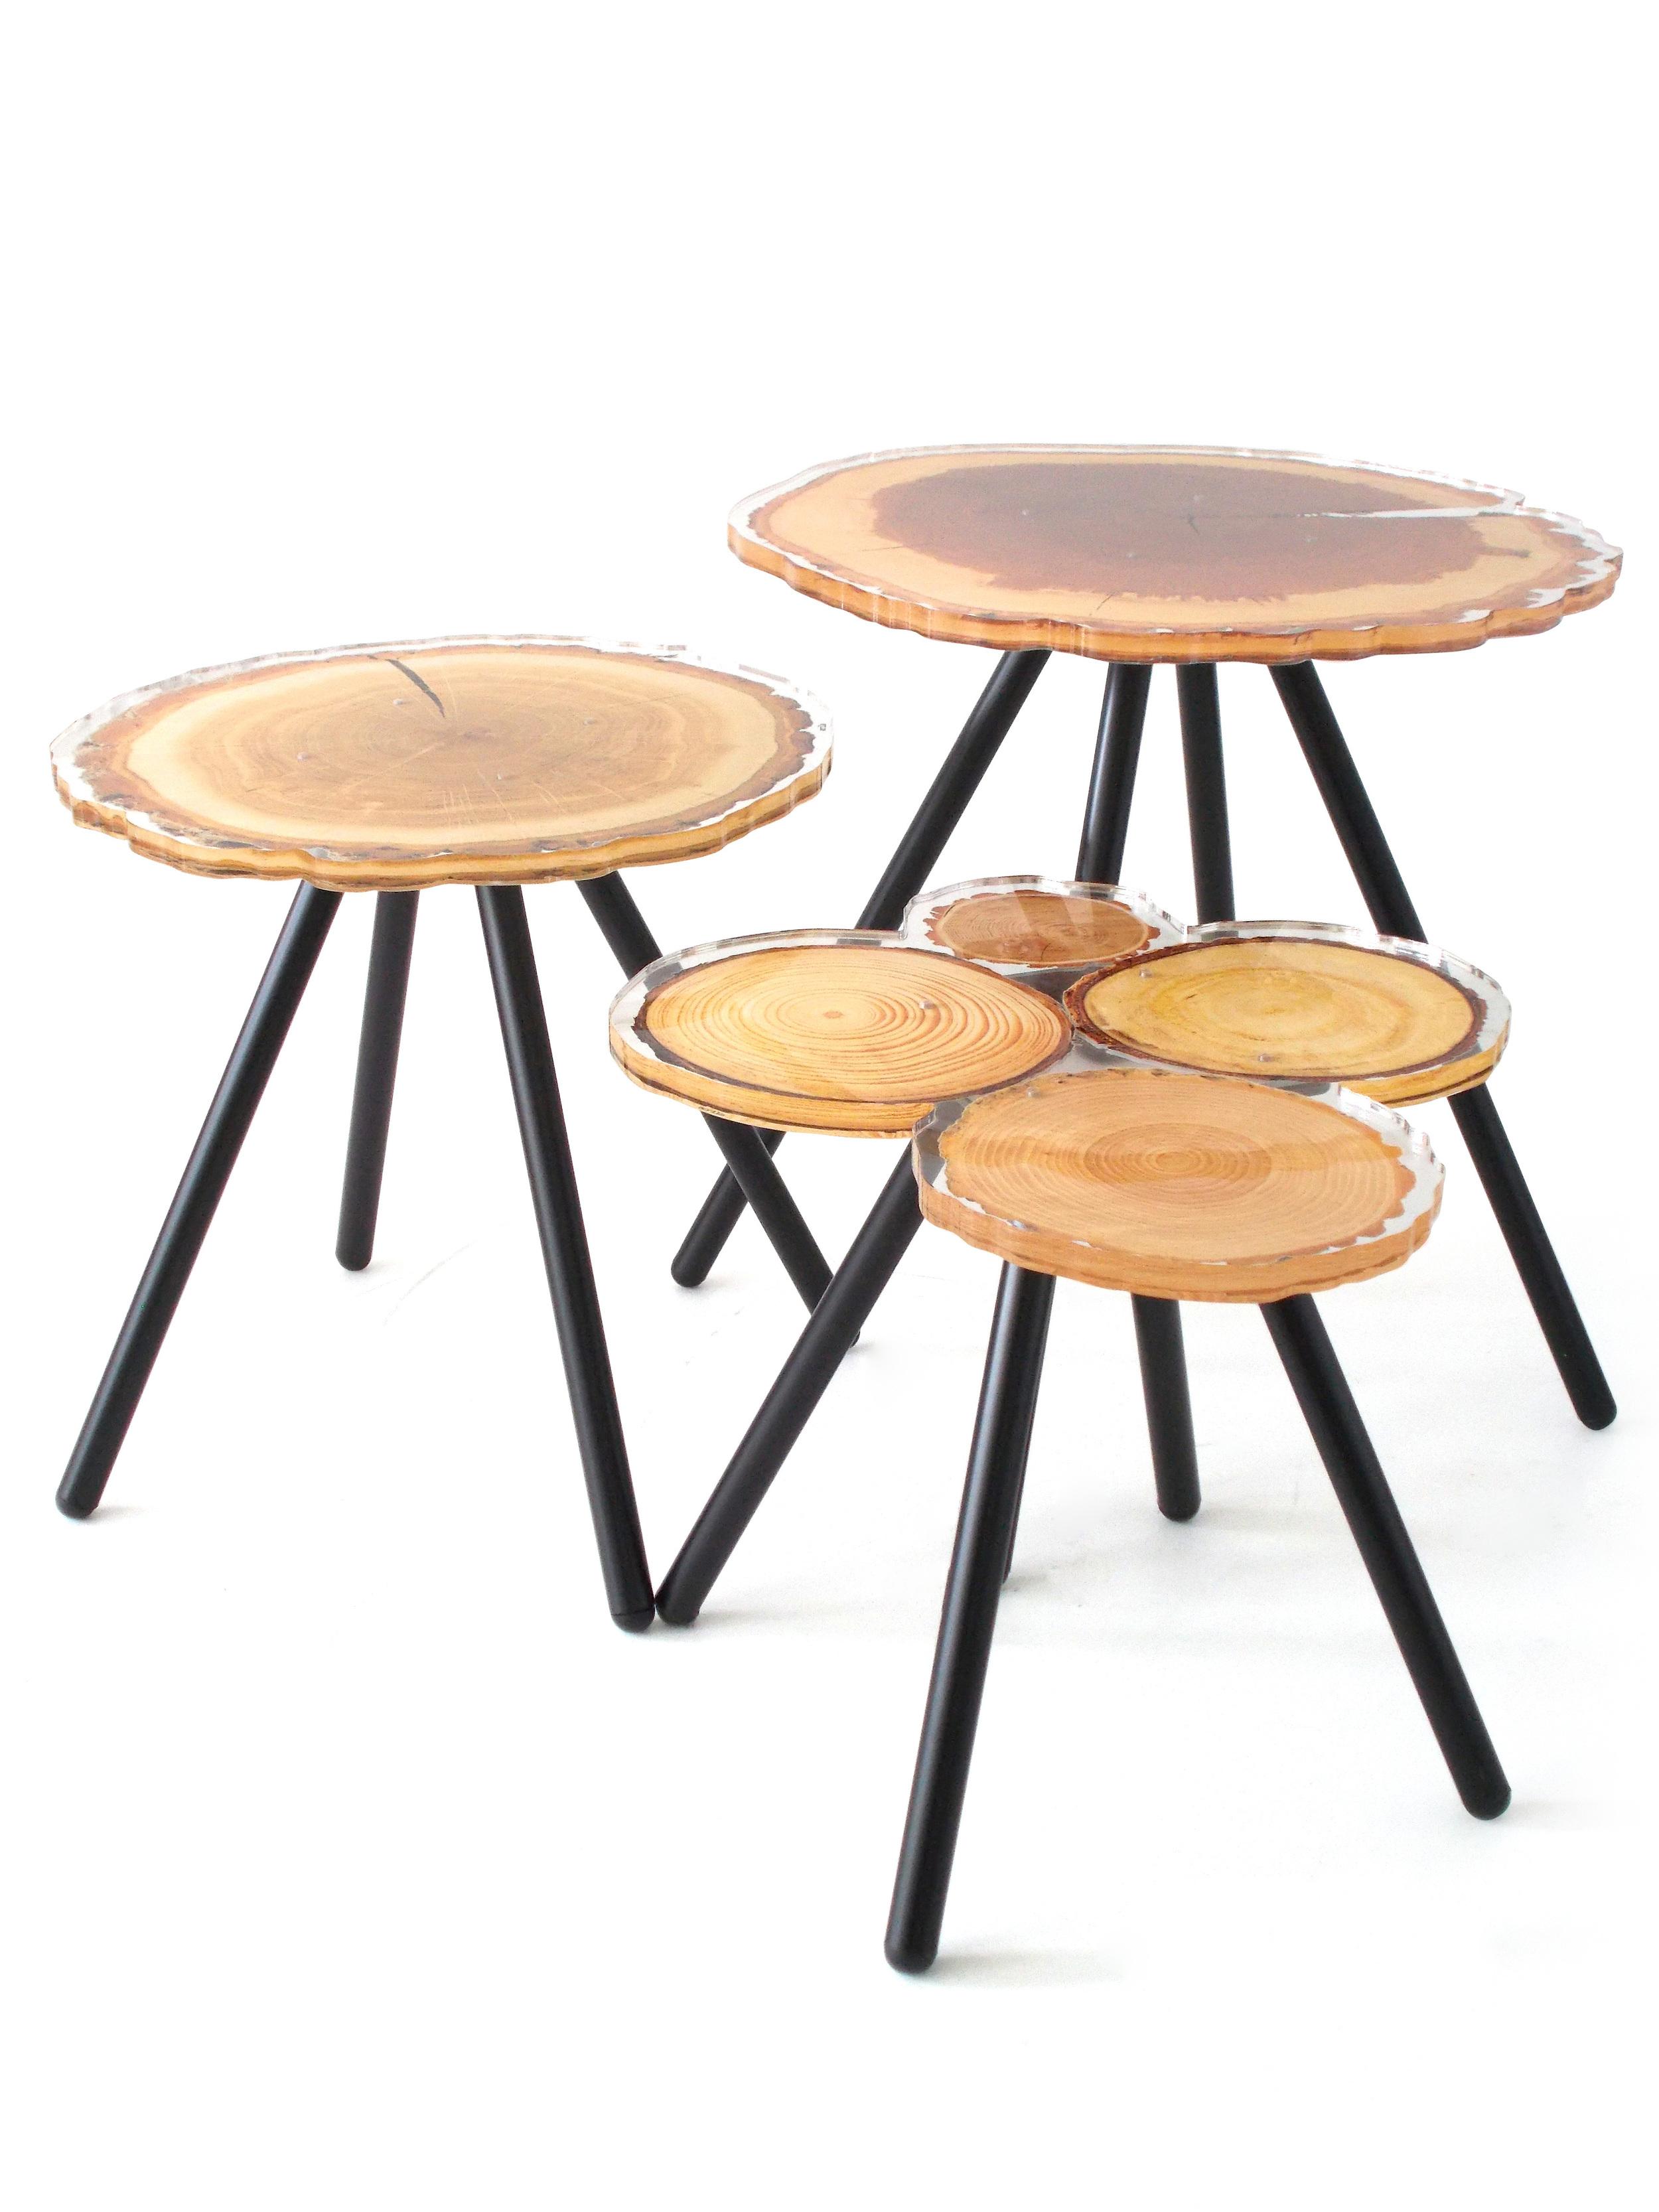 table gigogne quebec .jpg